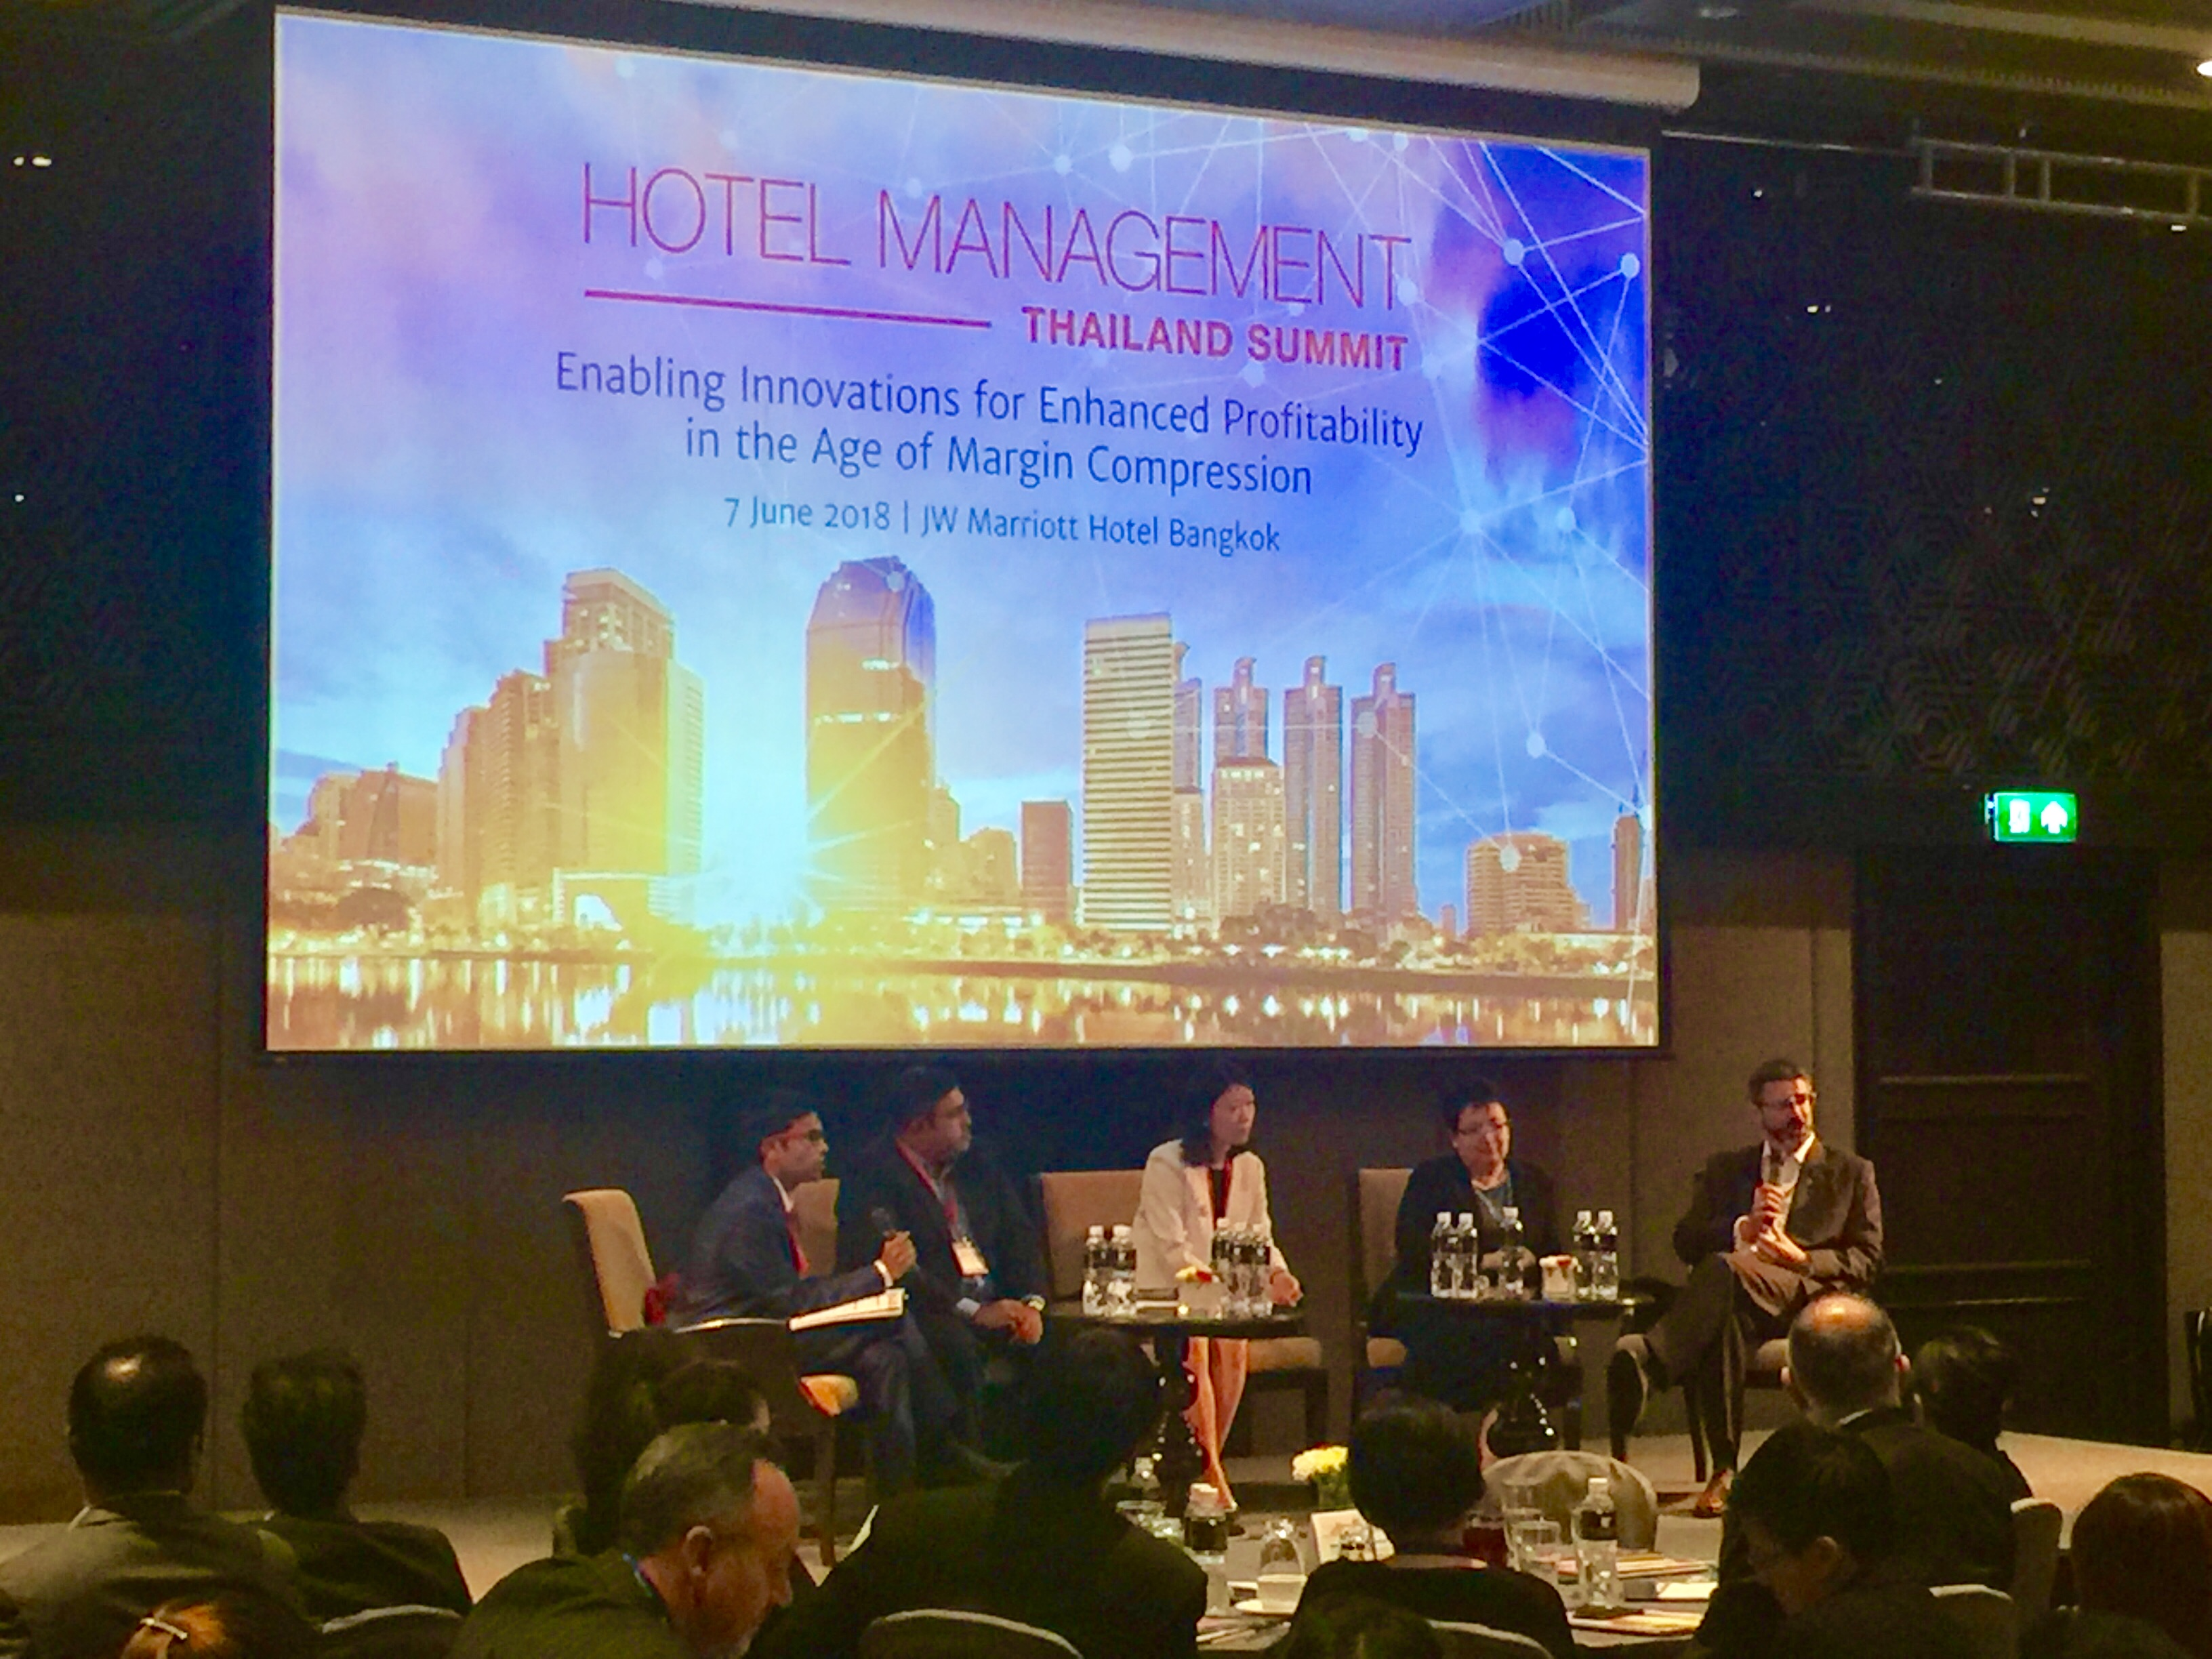 HOTEL MANAGEMENT SUMMIT BANGKOK 2018